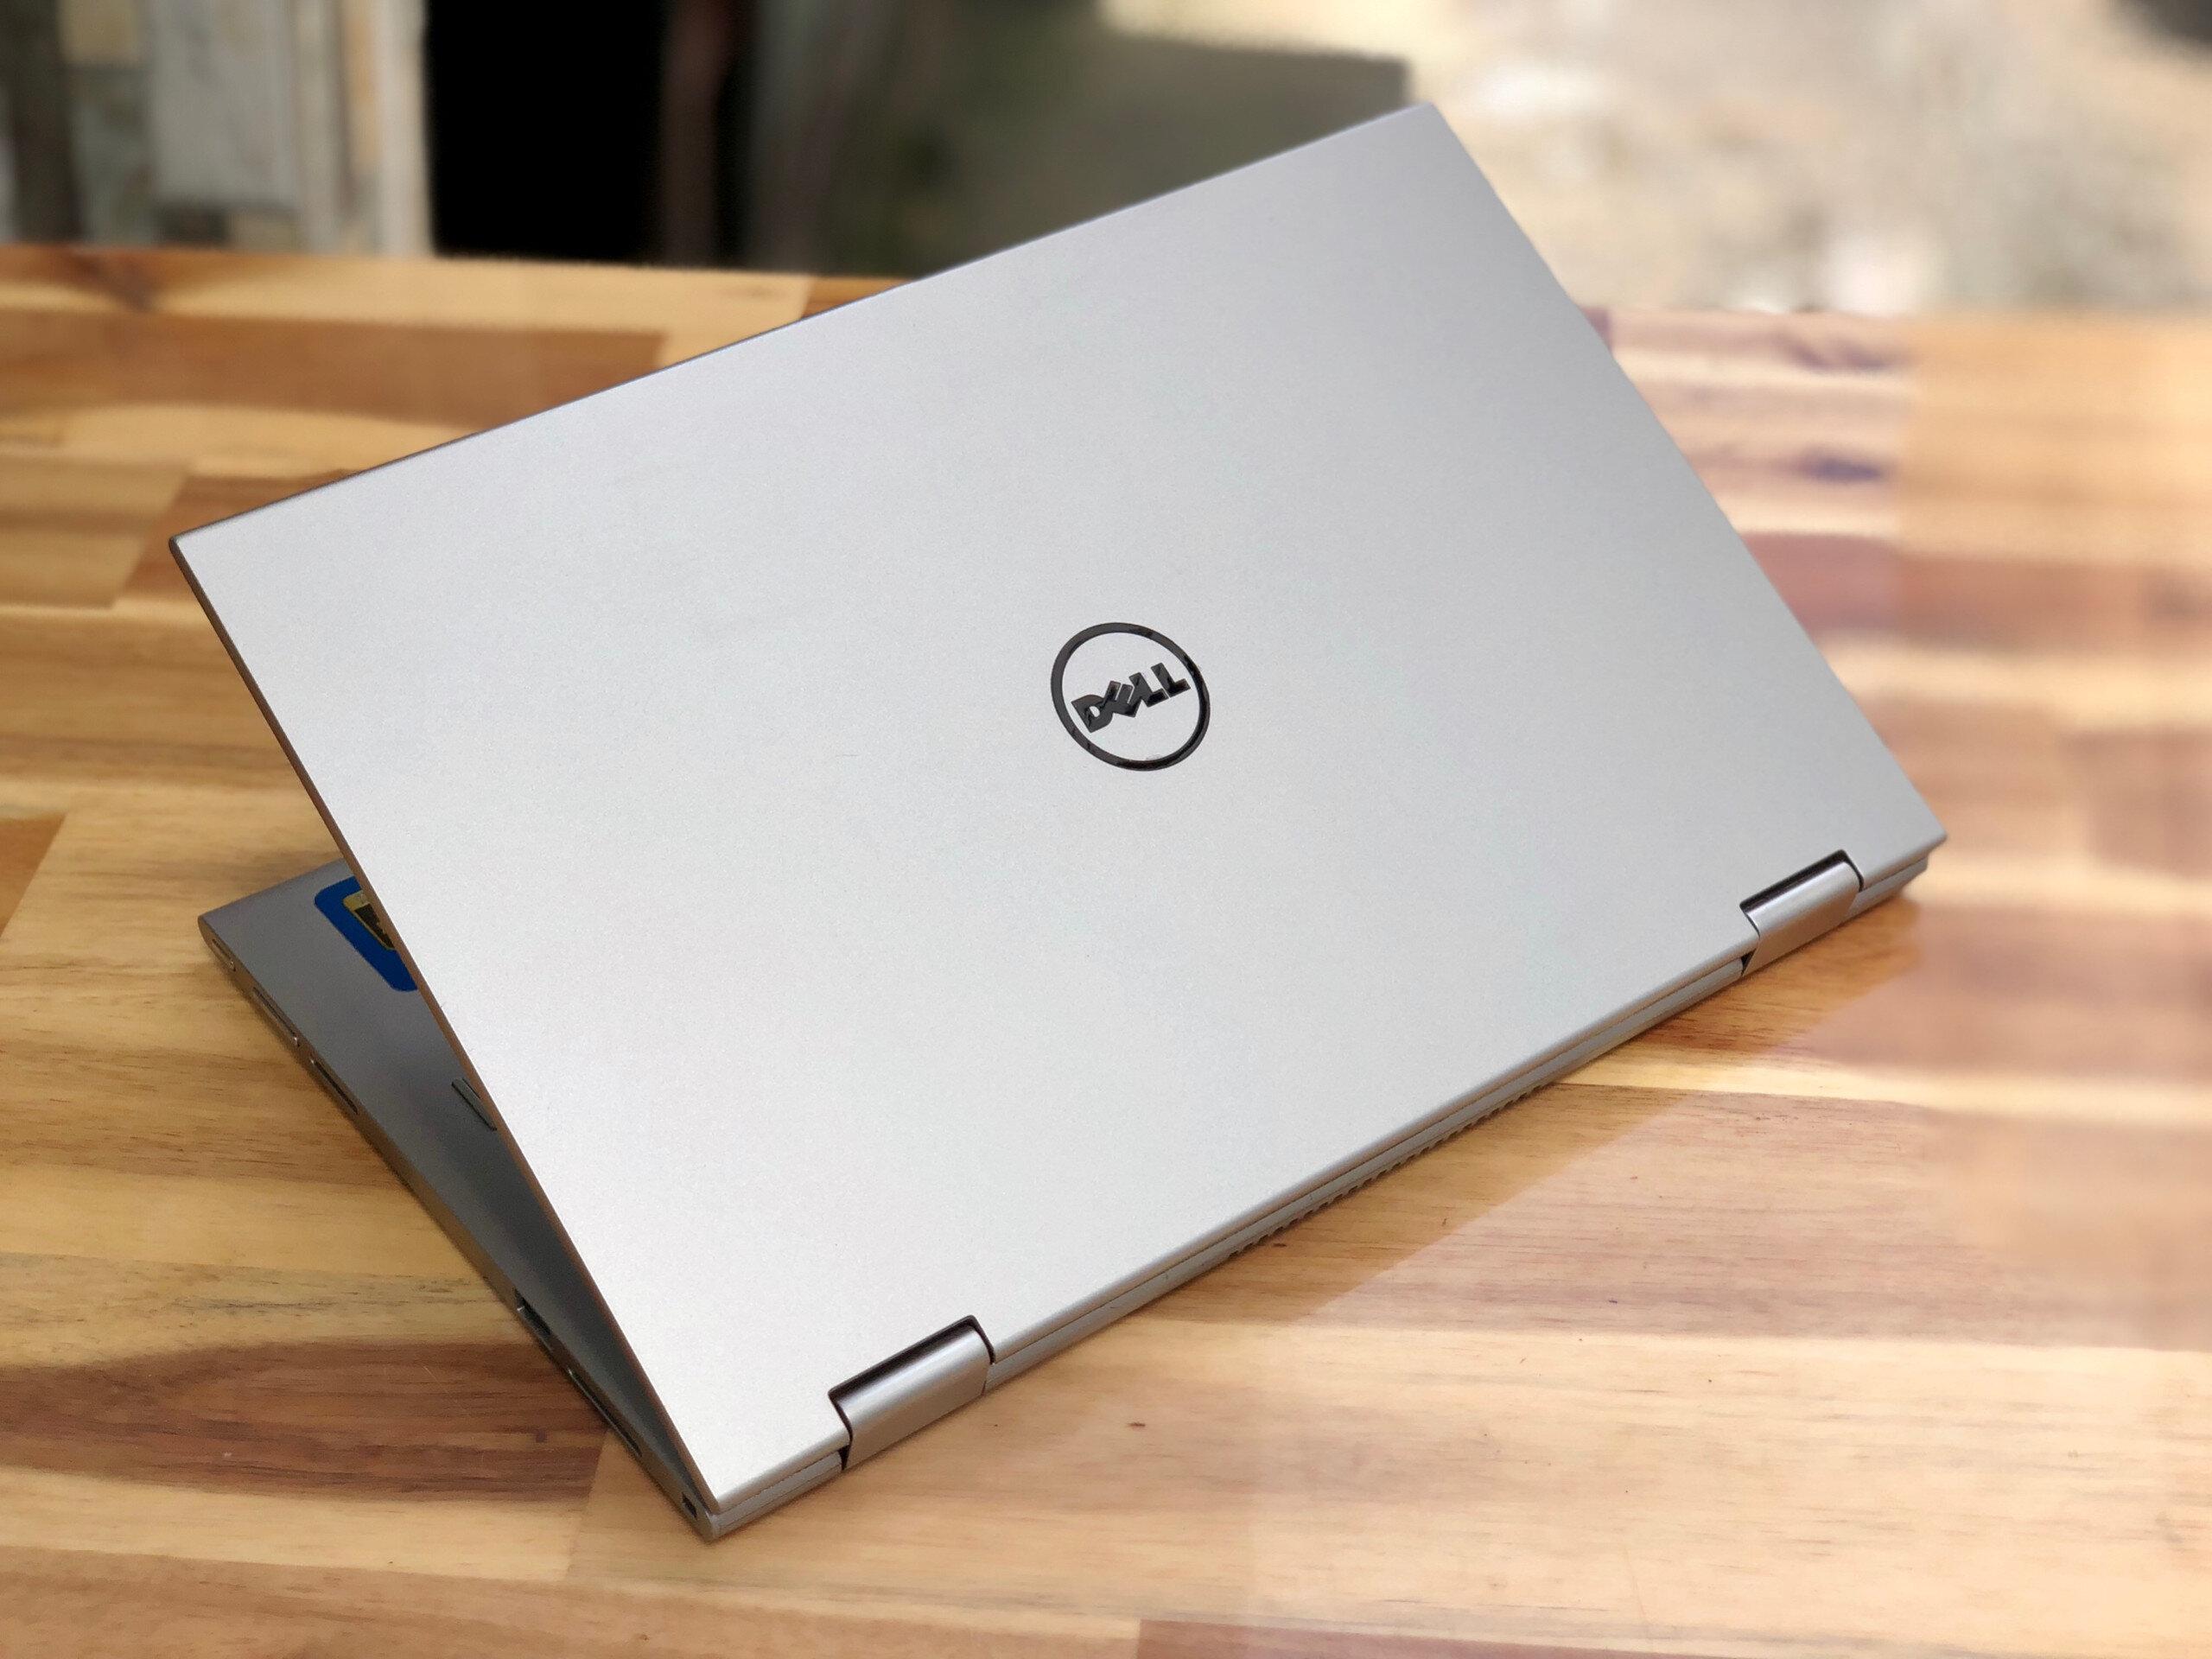 Sản phẩm Dell Inspiron 3148 với thiết kế trang nhã, tinh tế